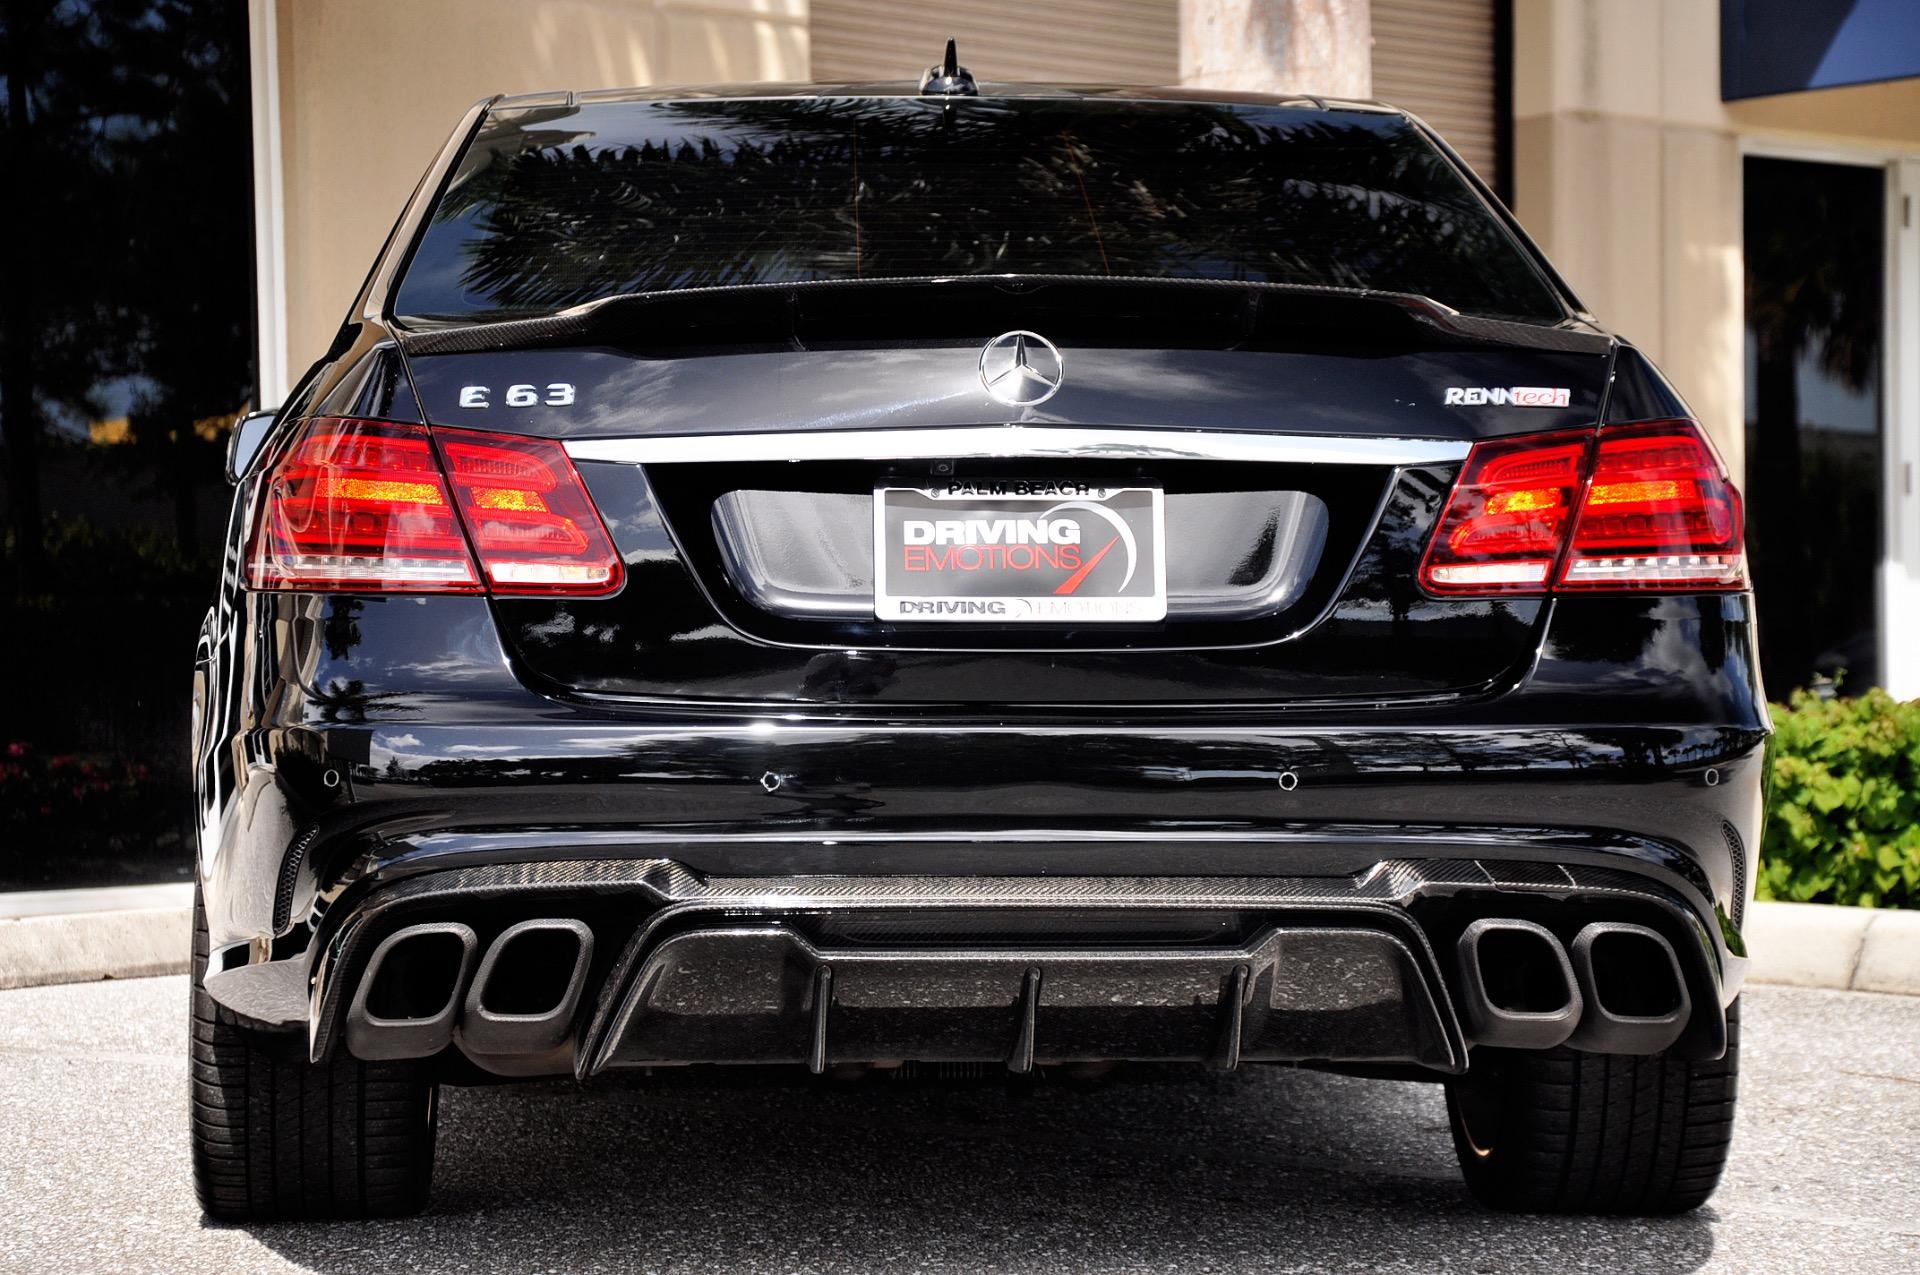 2014 Mercedes-Benz E63 AMG-S RENNtech E63 AMG S-Model Stock # 5904